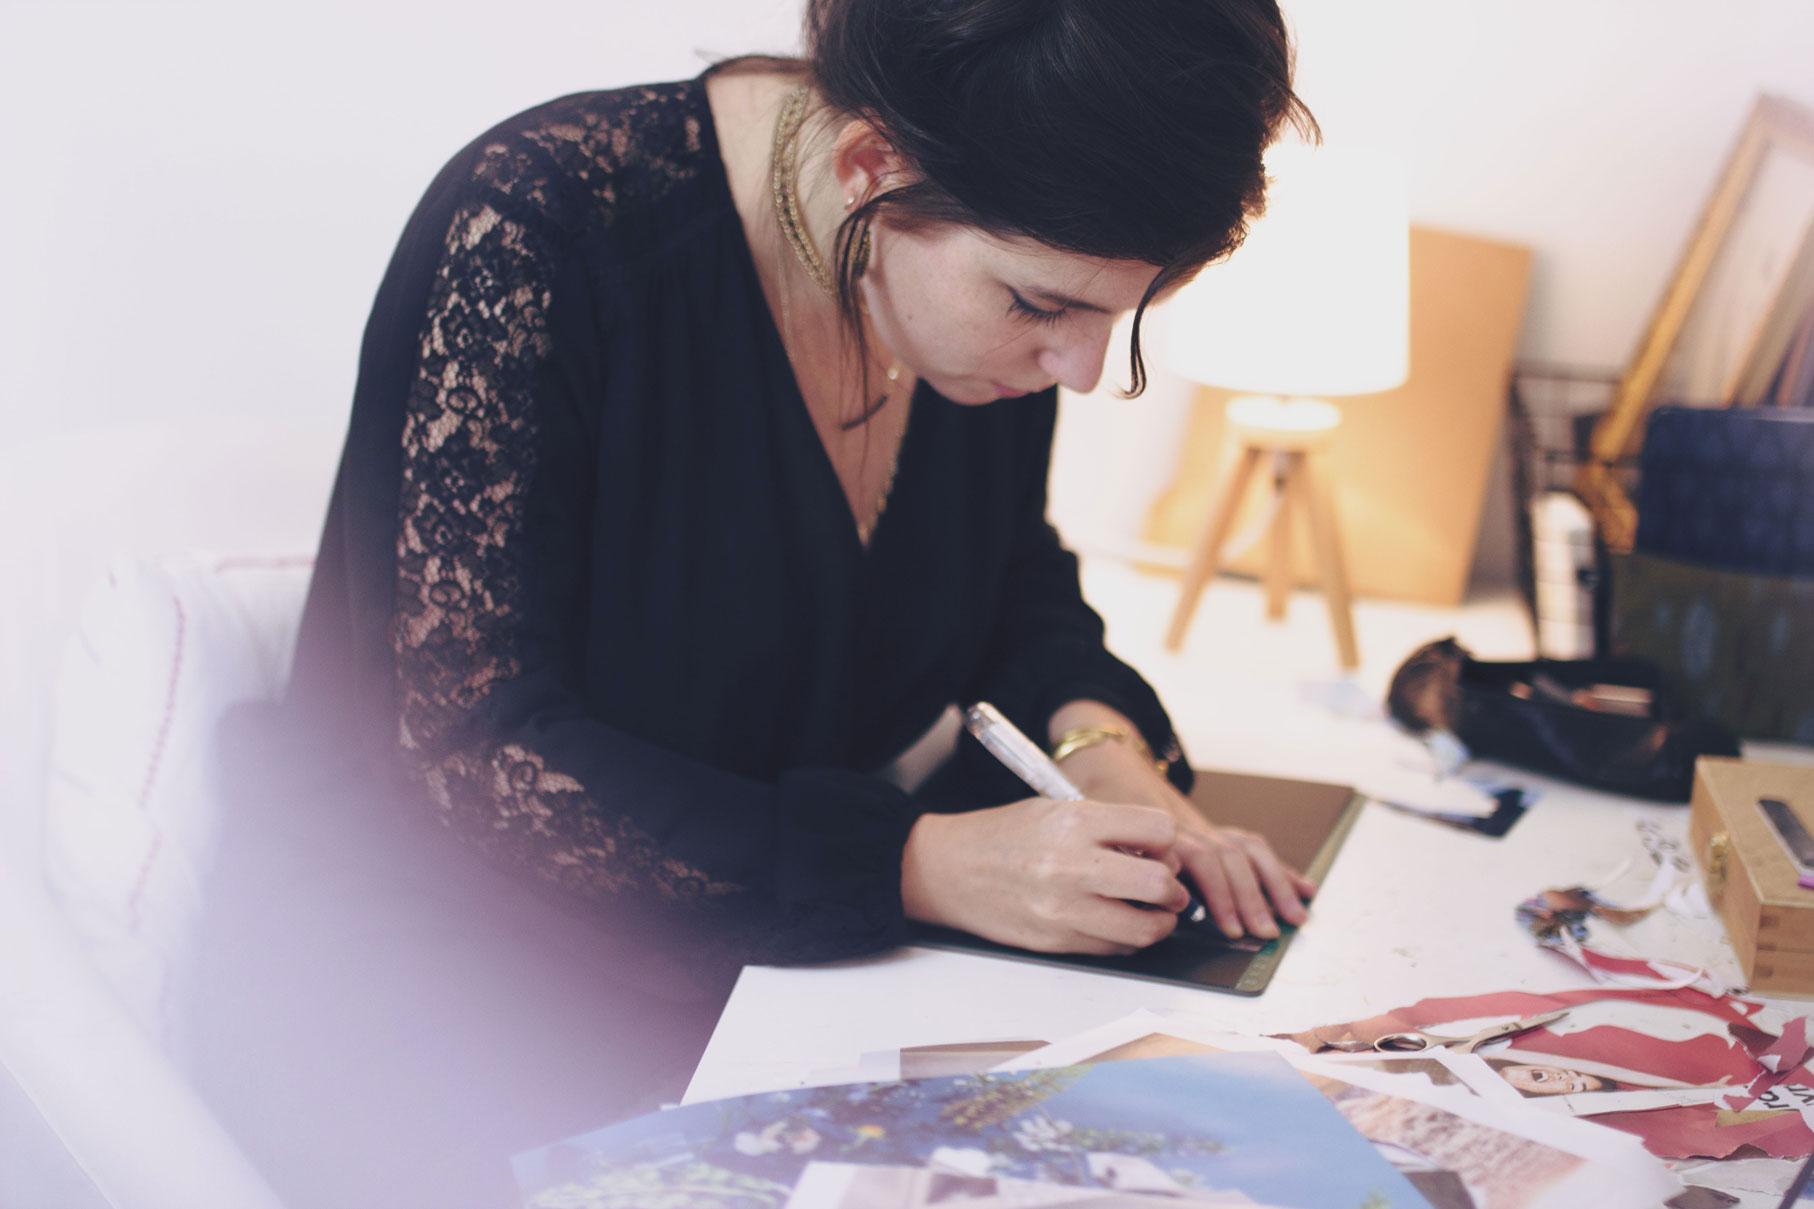 photographe tours portrait d'artiste dans son atelier